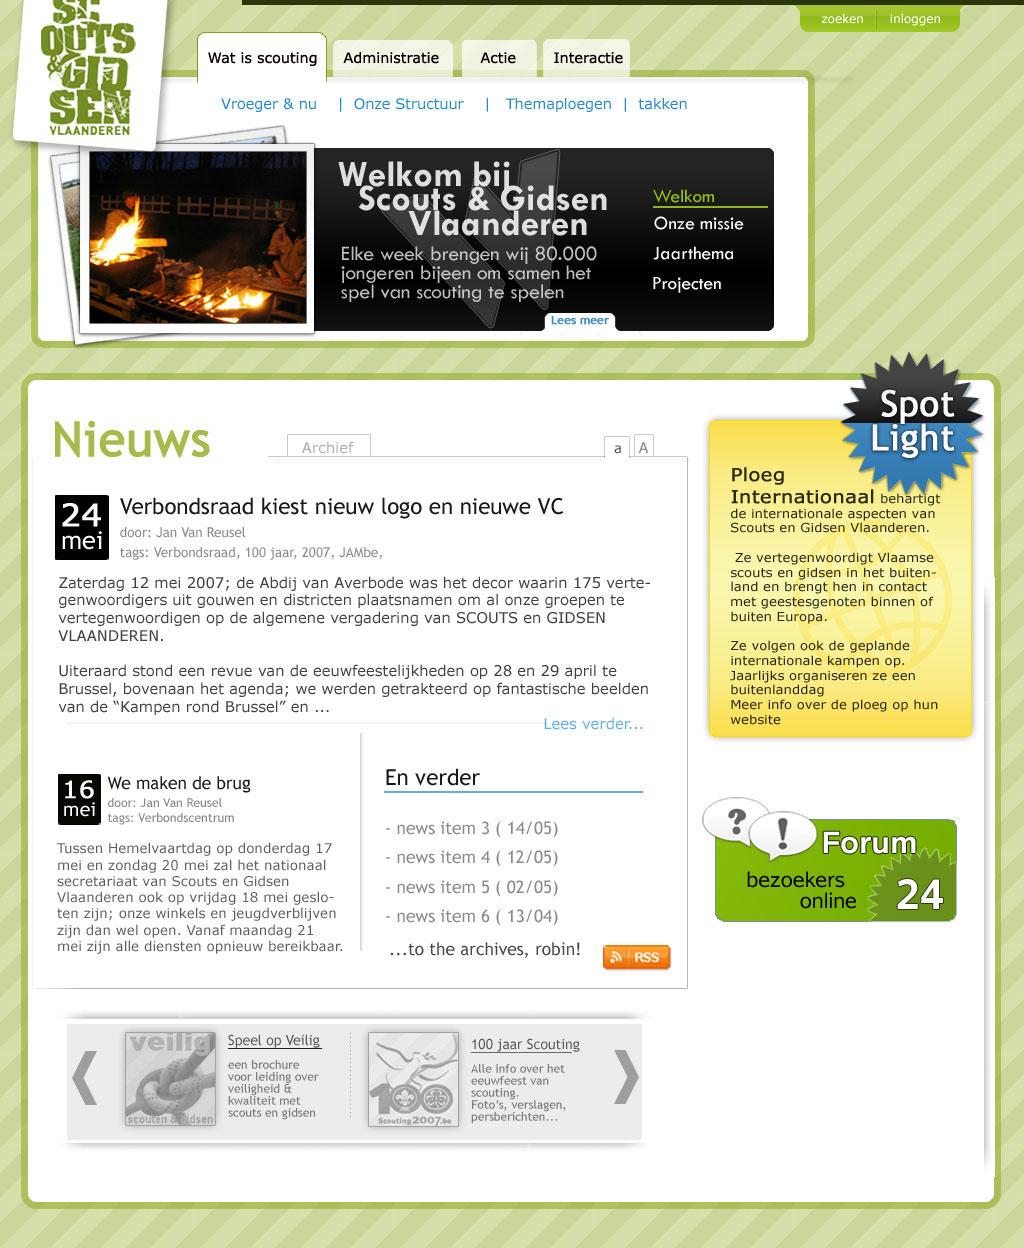 internetoverleg:ontwikkeling:besite:v.0.0.5.jpg